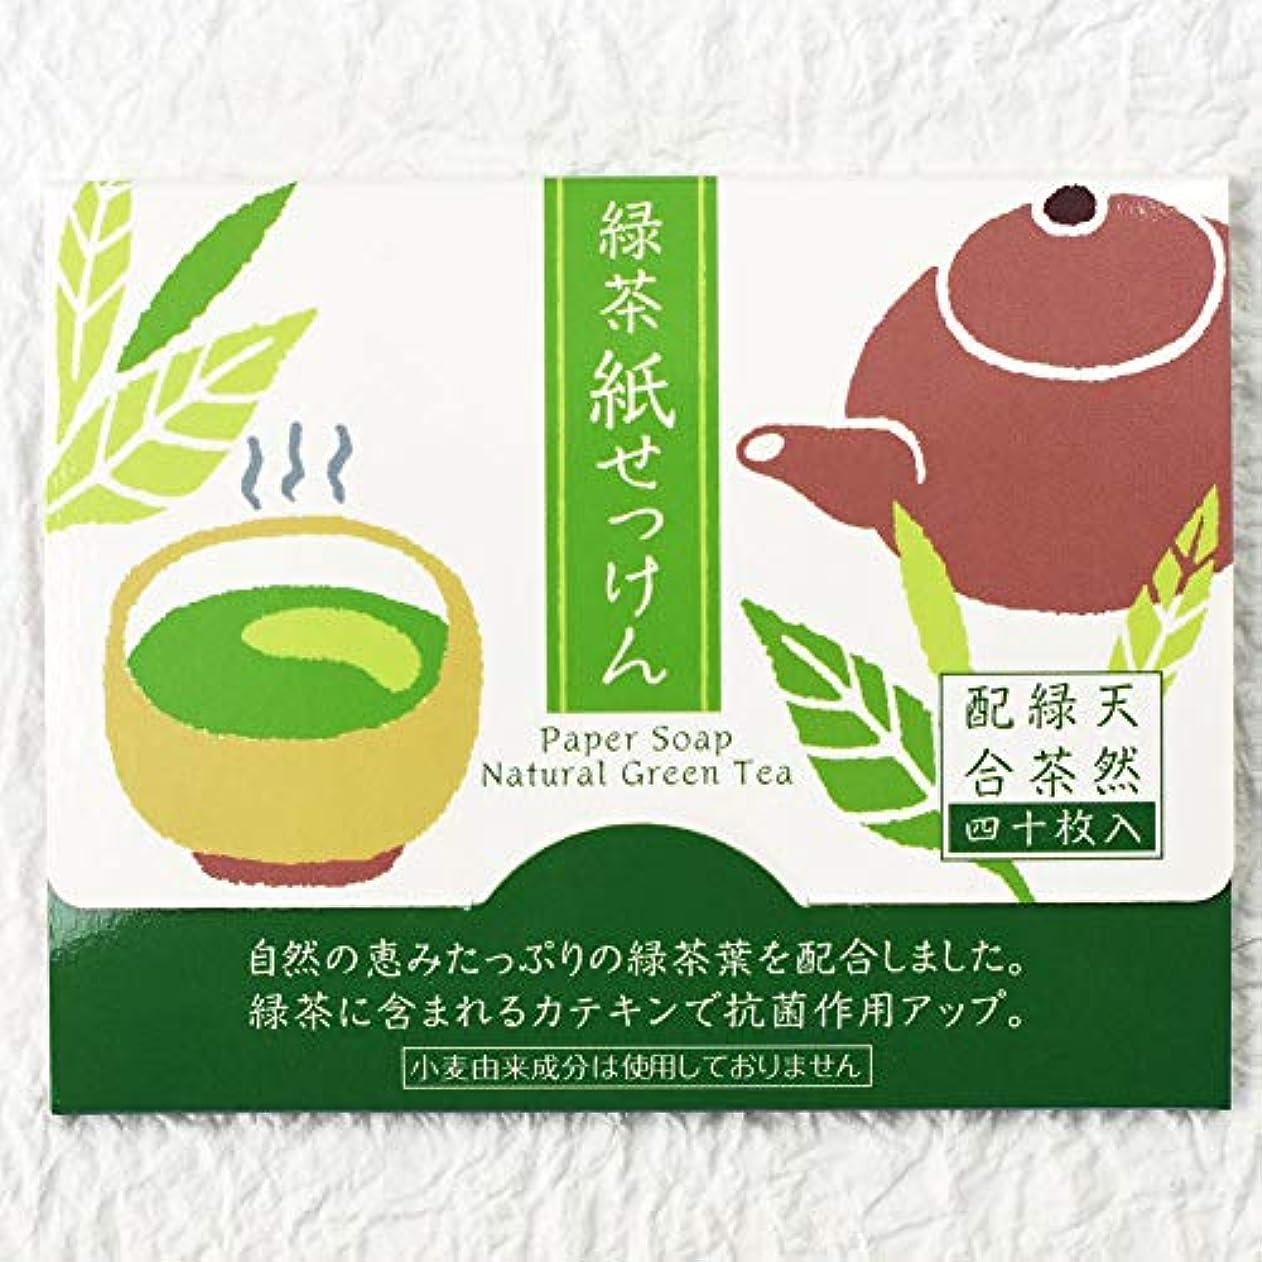 ローブ郵便進行中表現社 紙せっけん 天然緑茶配合 22-289